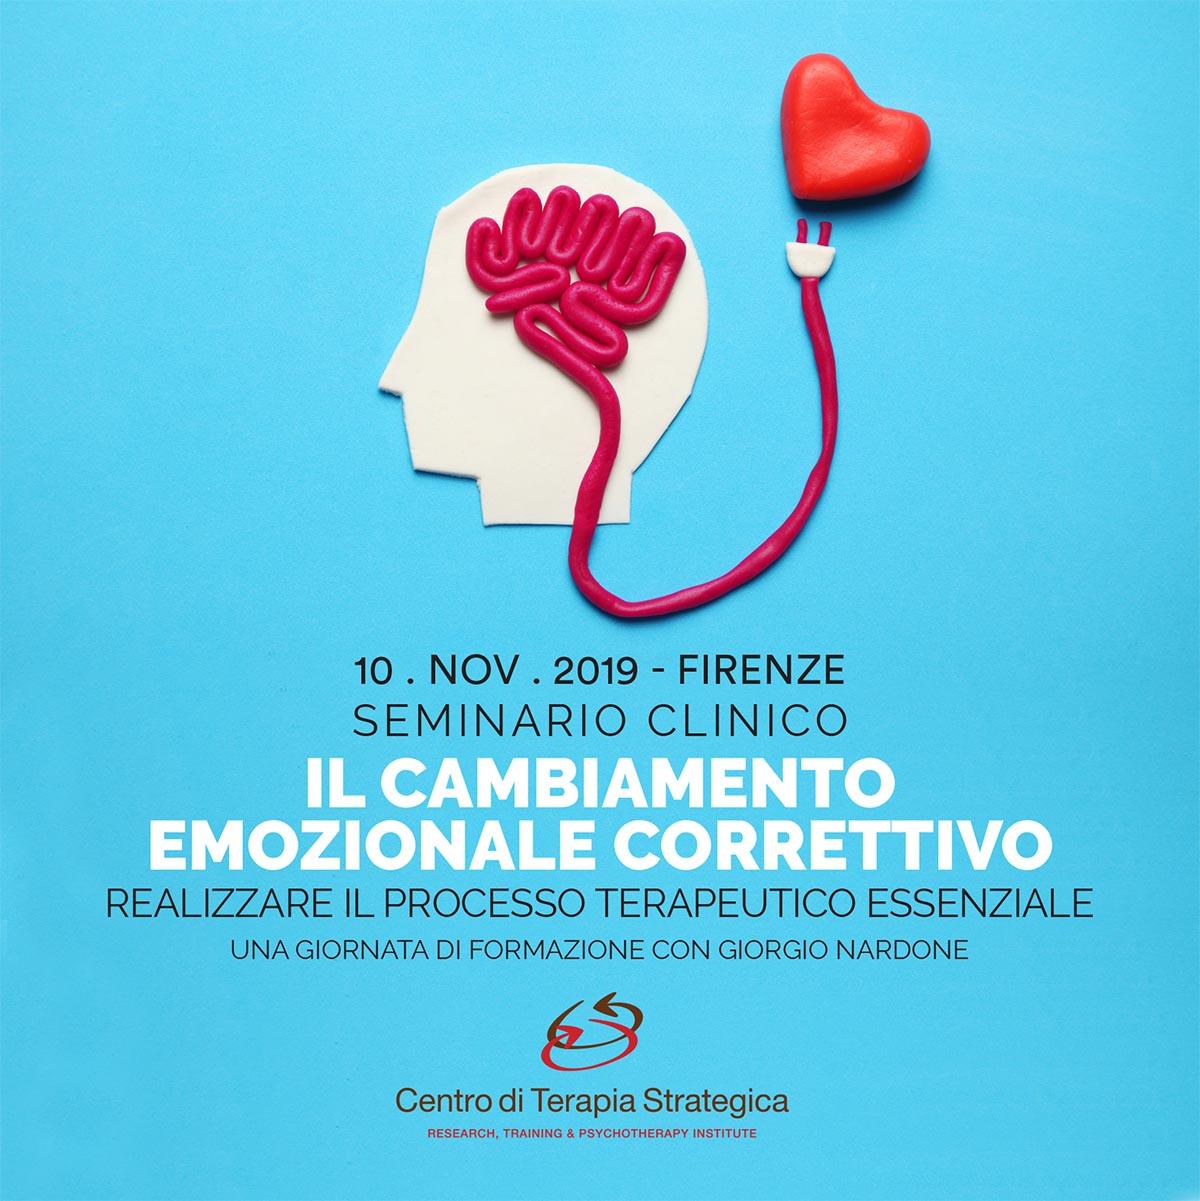 Locandina Seminario clinico: Il cambiamento emozionale correttivo. Realizzare il processo terapeutico essenziale.